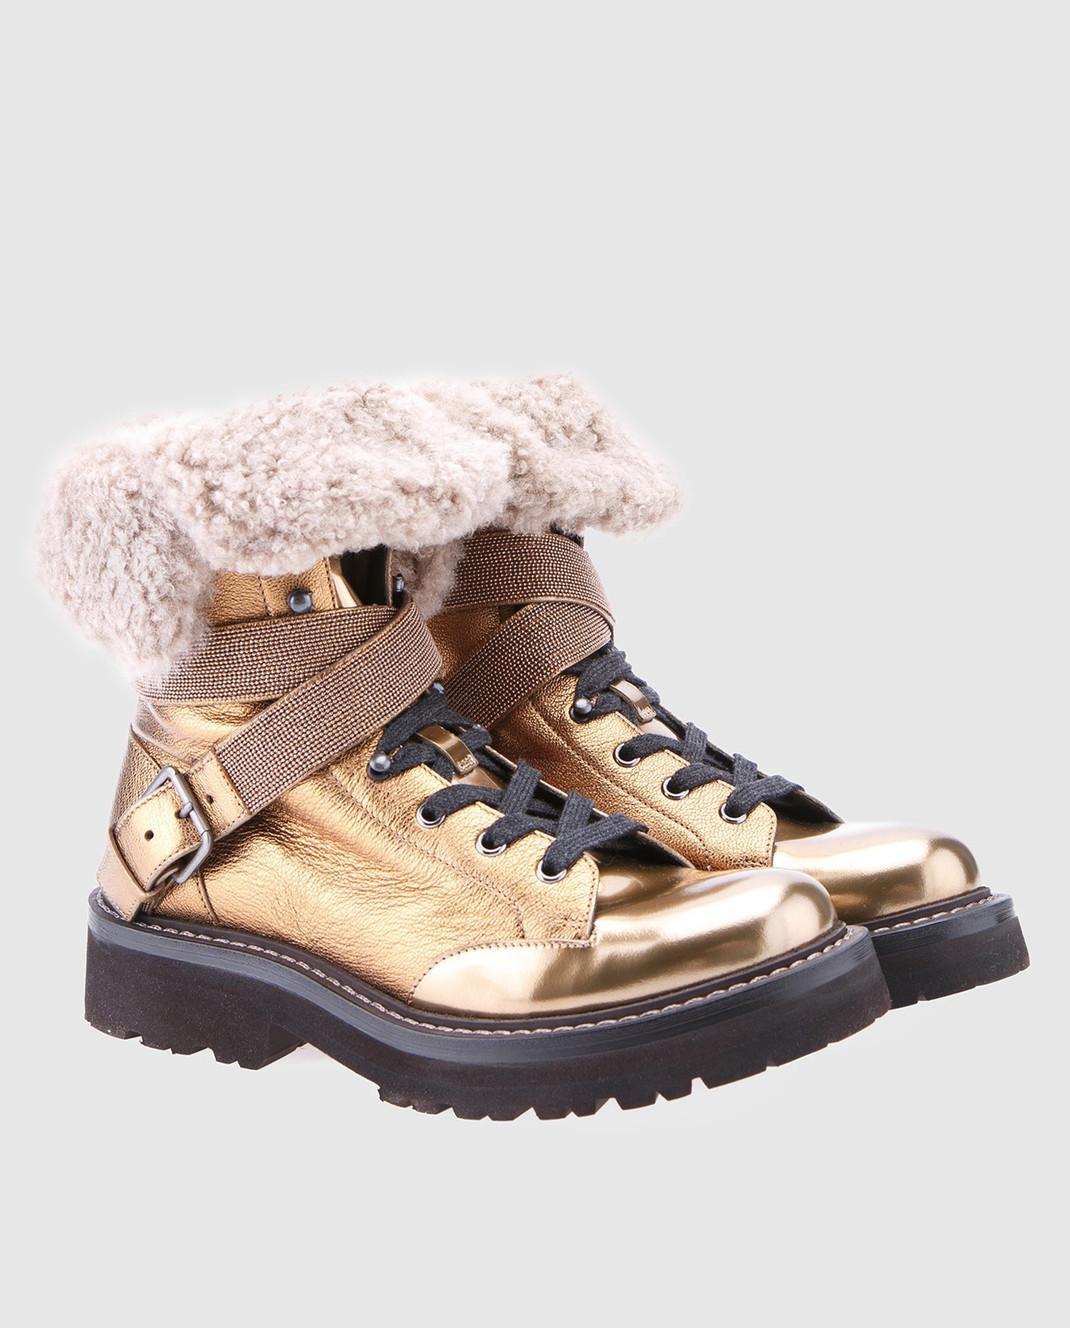 Brunello Cucinelli Золотистые кожаные ботинки MZALG1003 изображение 2